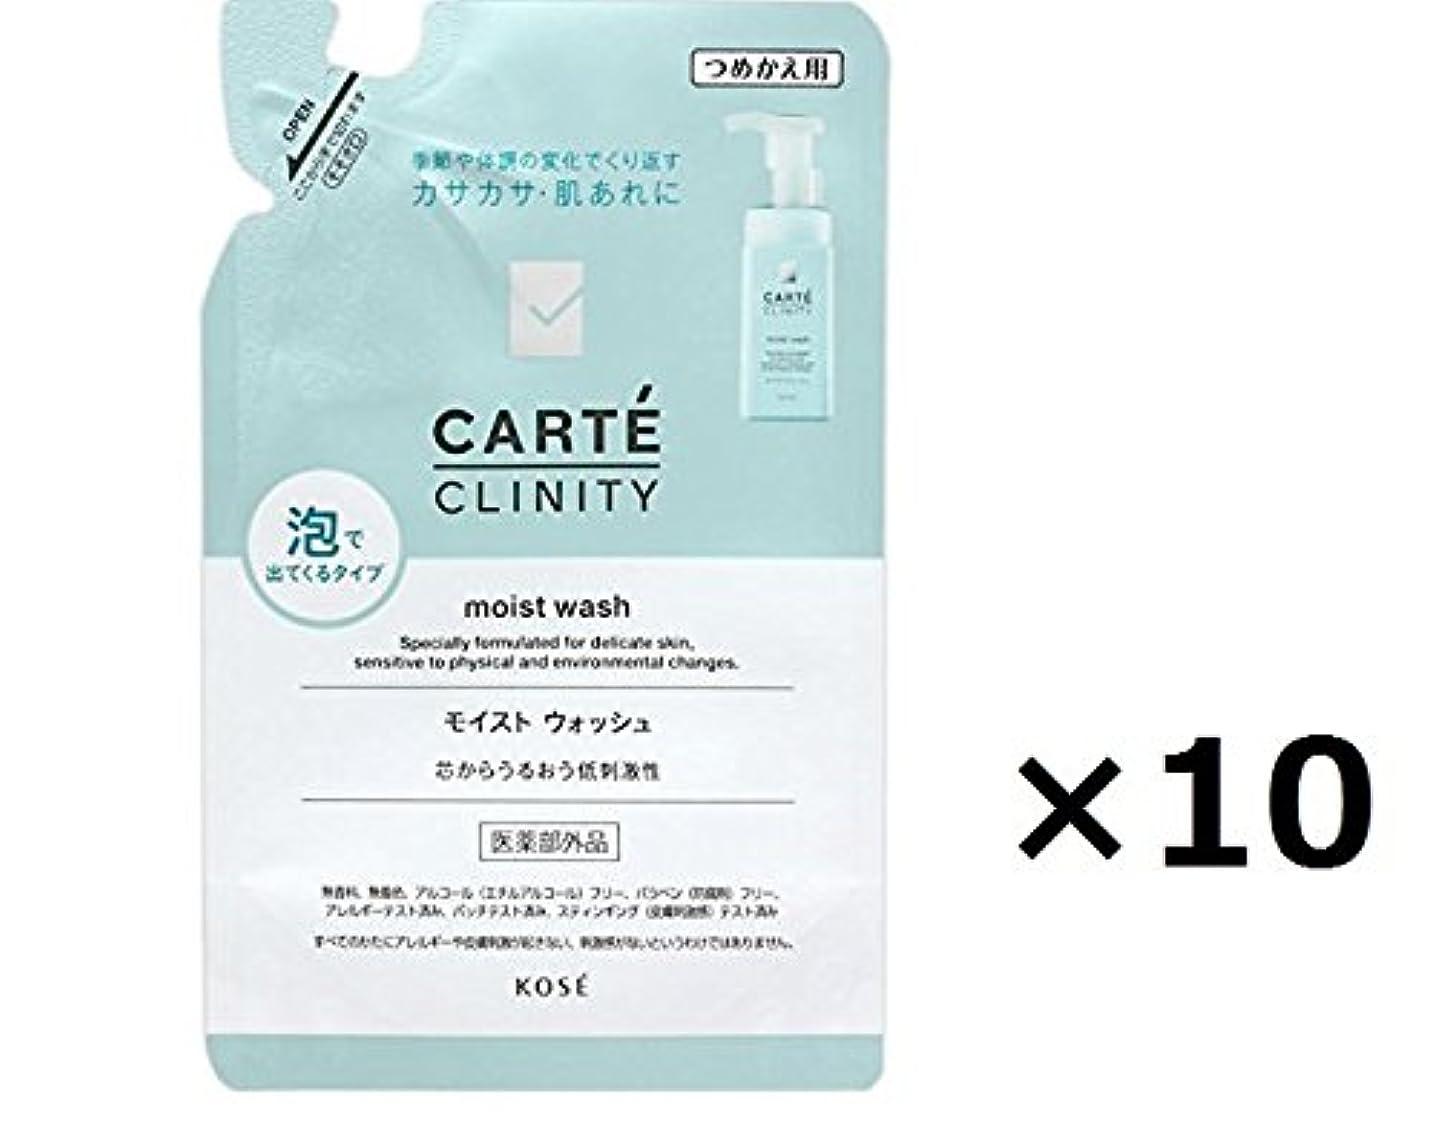 【10本セット】 [KOSE] カルテ クリニティ モイスト ウォッシュ 145ml レフィル (医薬部外品)